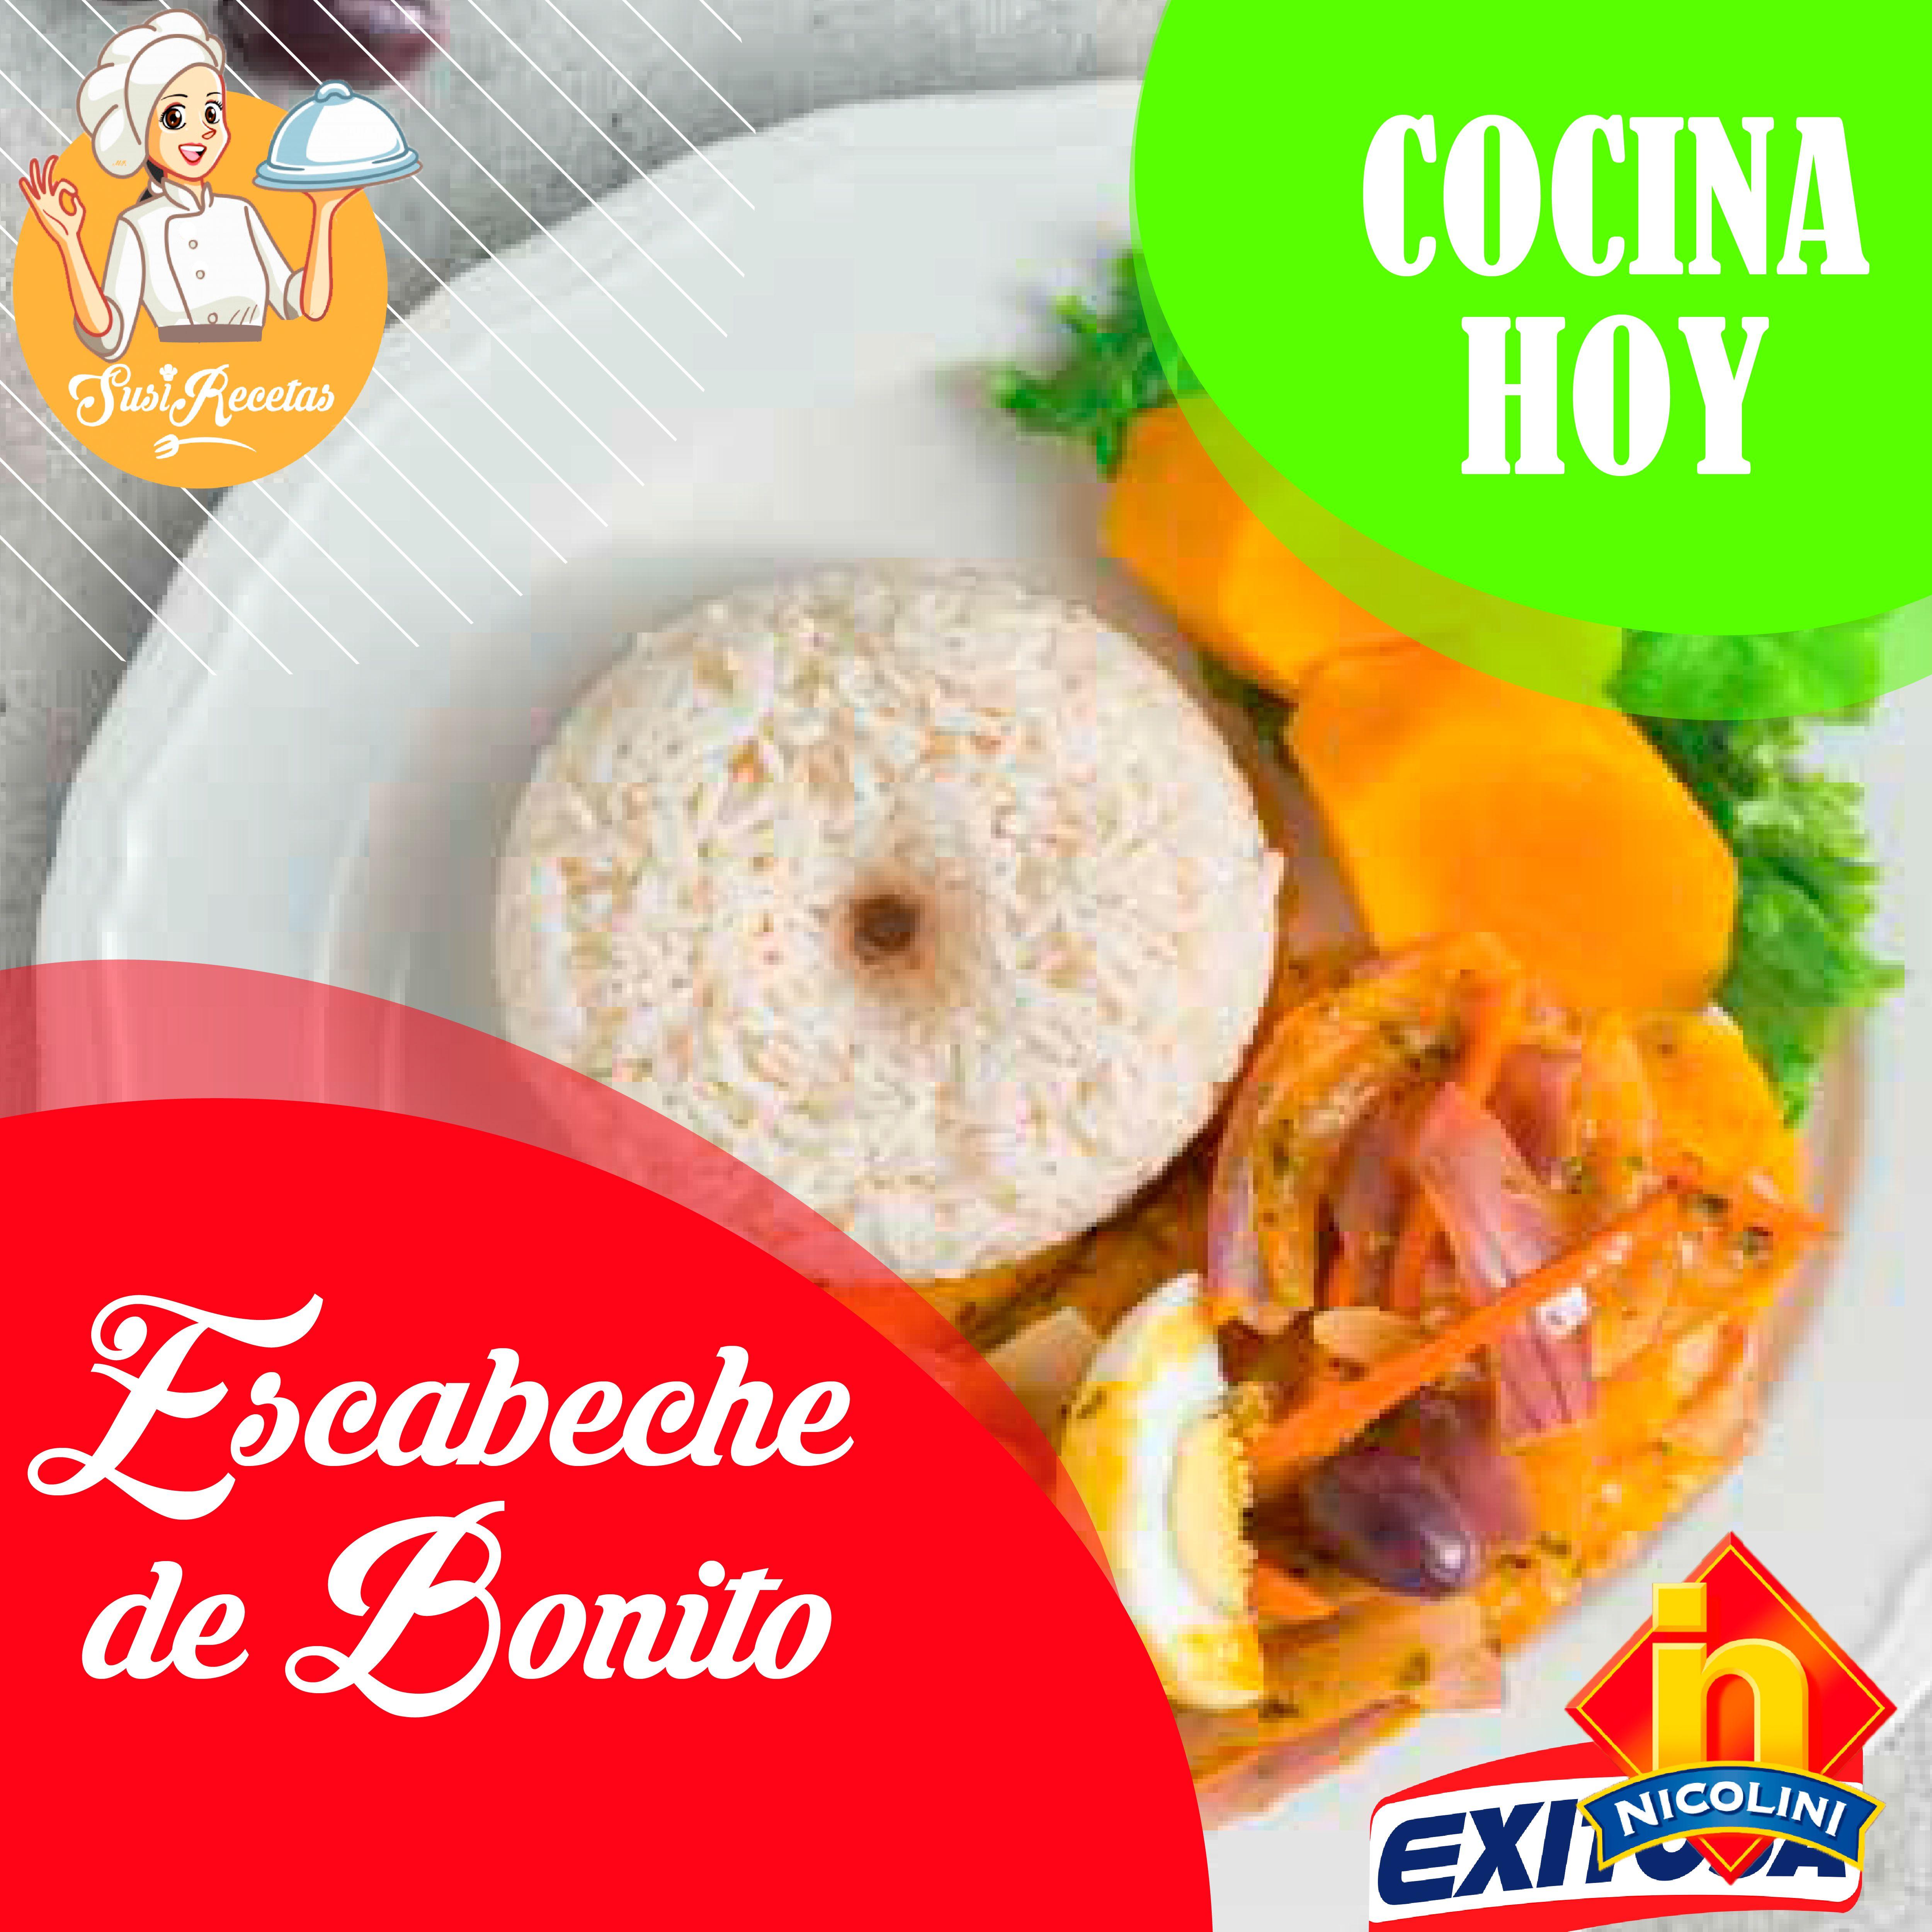 #maracaibo #venezuela #pizza #postres #coffeetime #tag #like👍✅ #coment💬✅ #sezar #havalini #foodporn #food #instafood #foodie #seafood #delicious #camarones #foodgasm #yummy #foodlover #instagood #yum #coctel #foods #barranquilla #santamarta #domicilios #salad #cafe #pastas